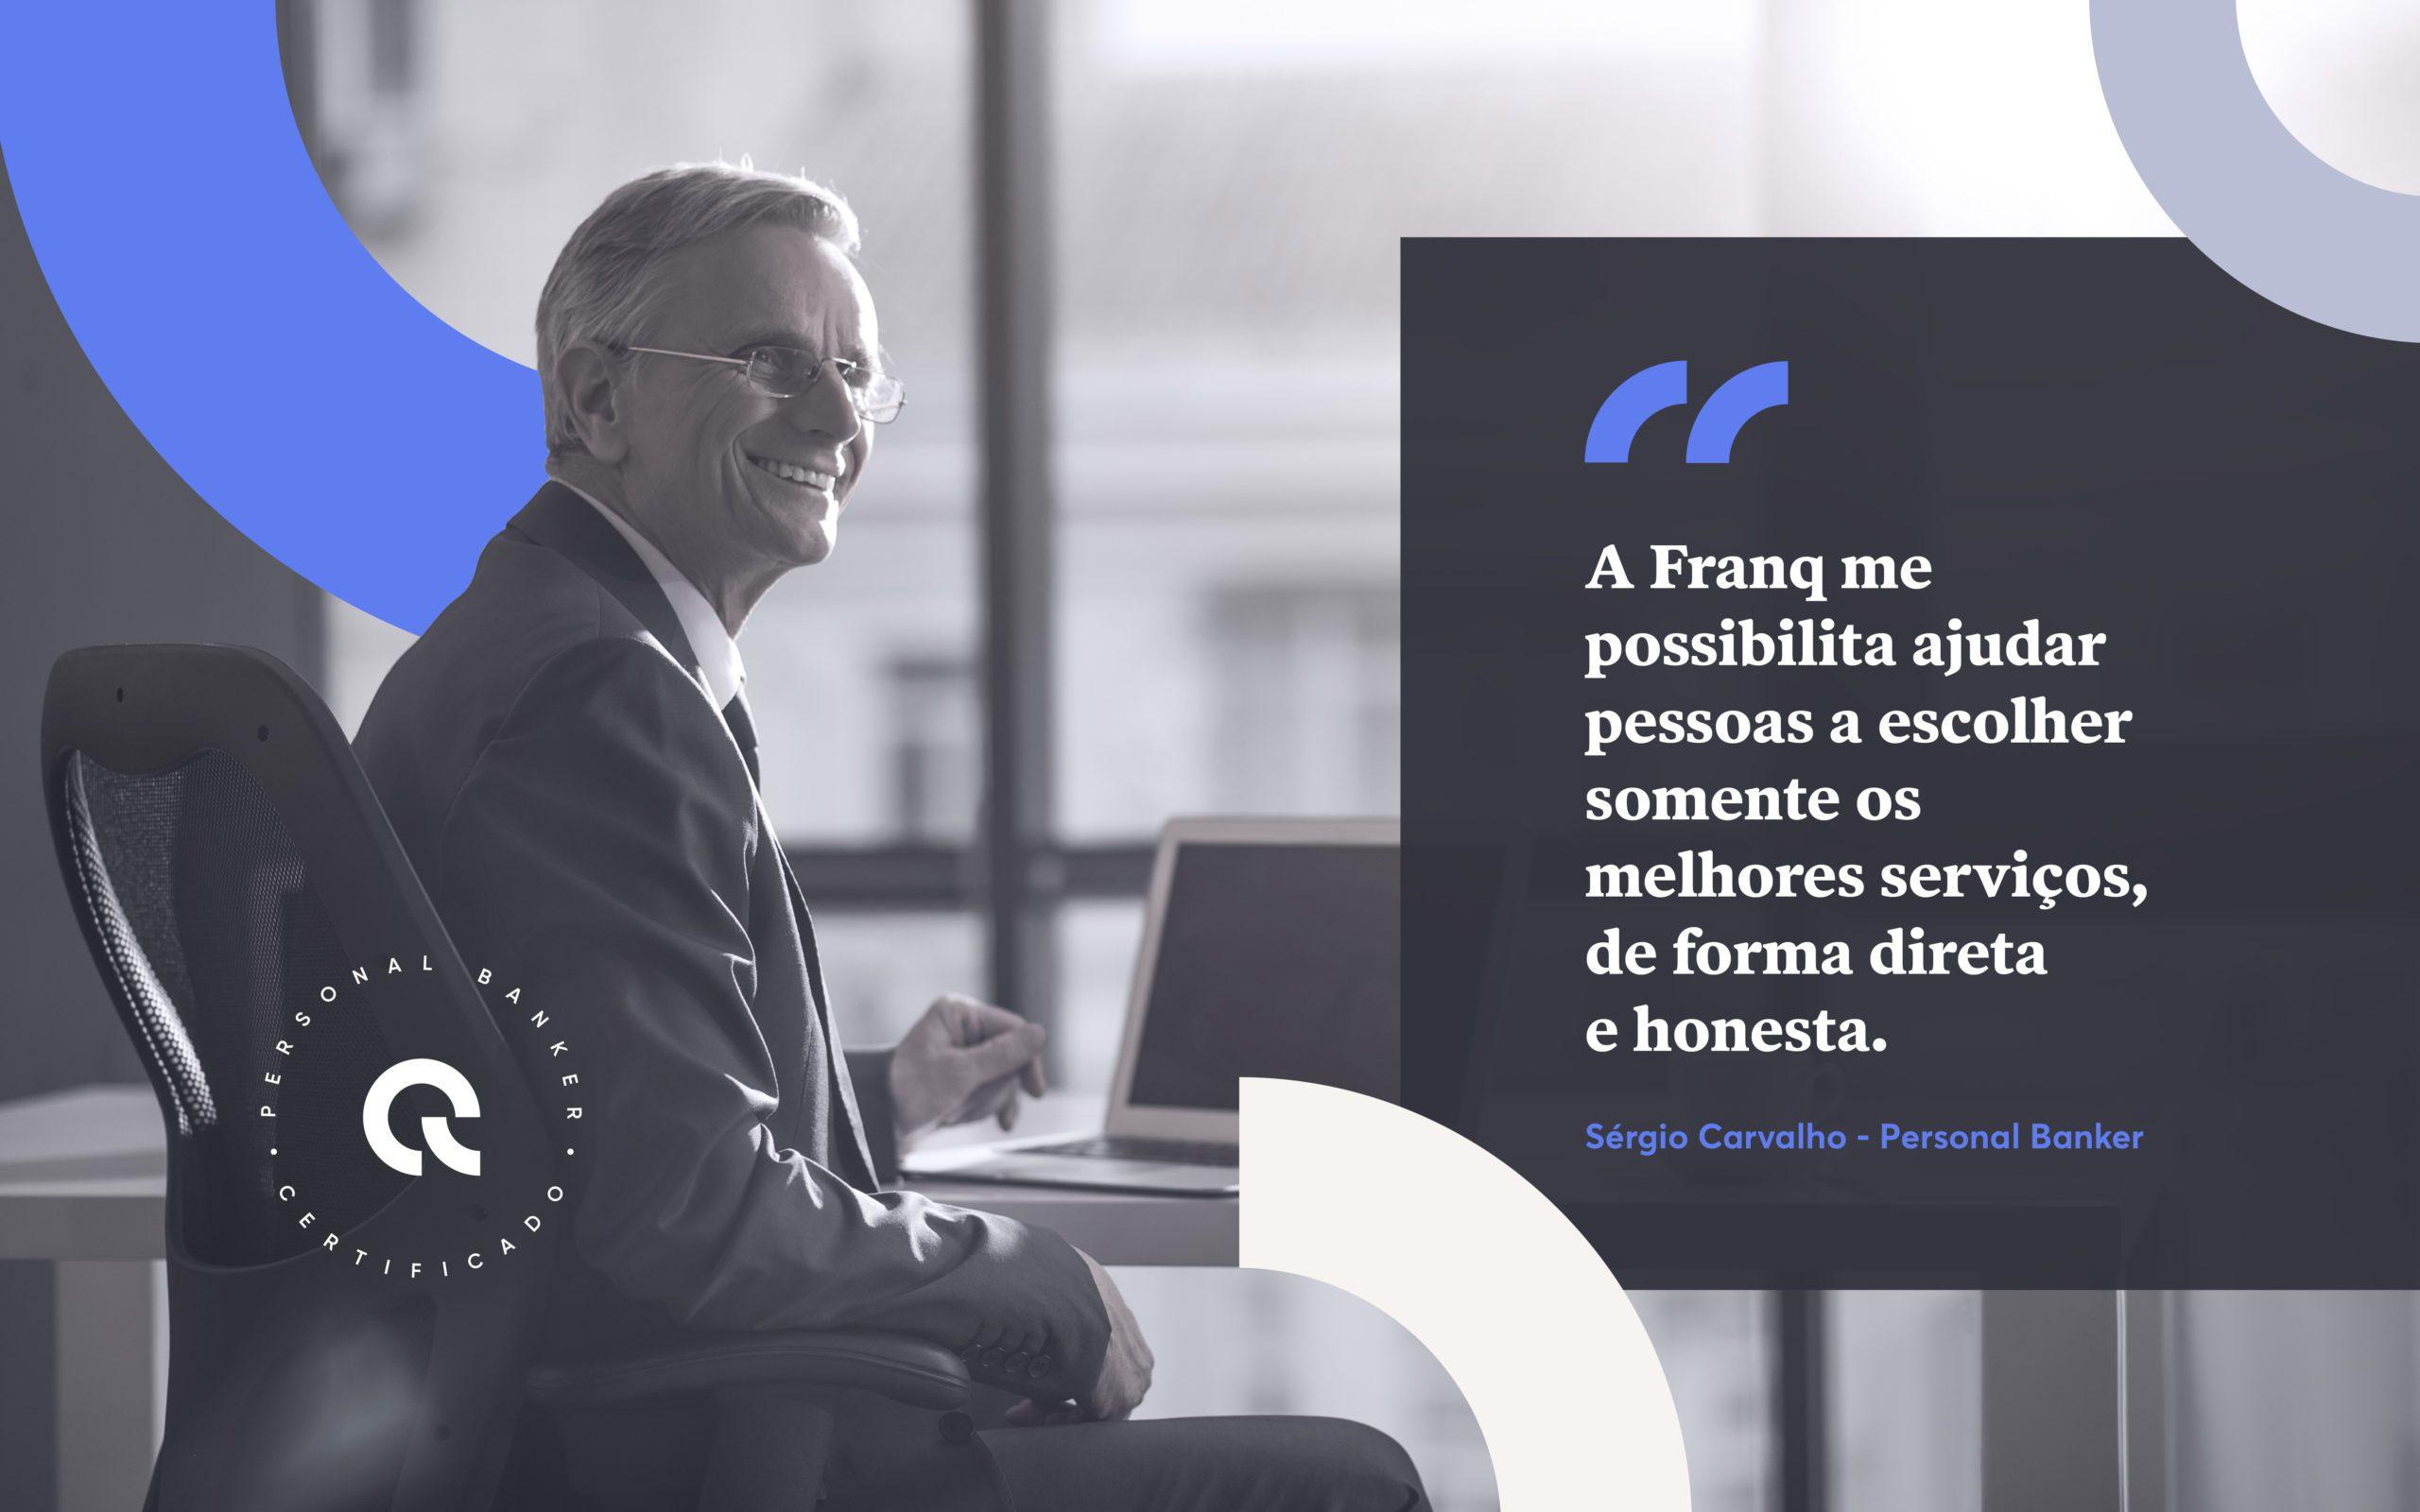 branding-fintech-startups-openbank-26